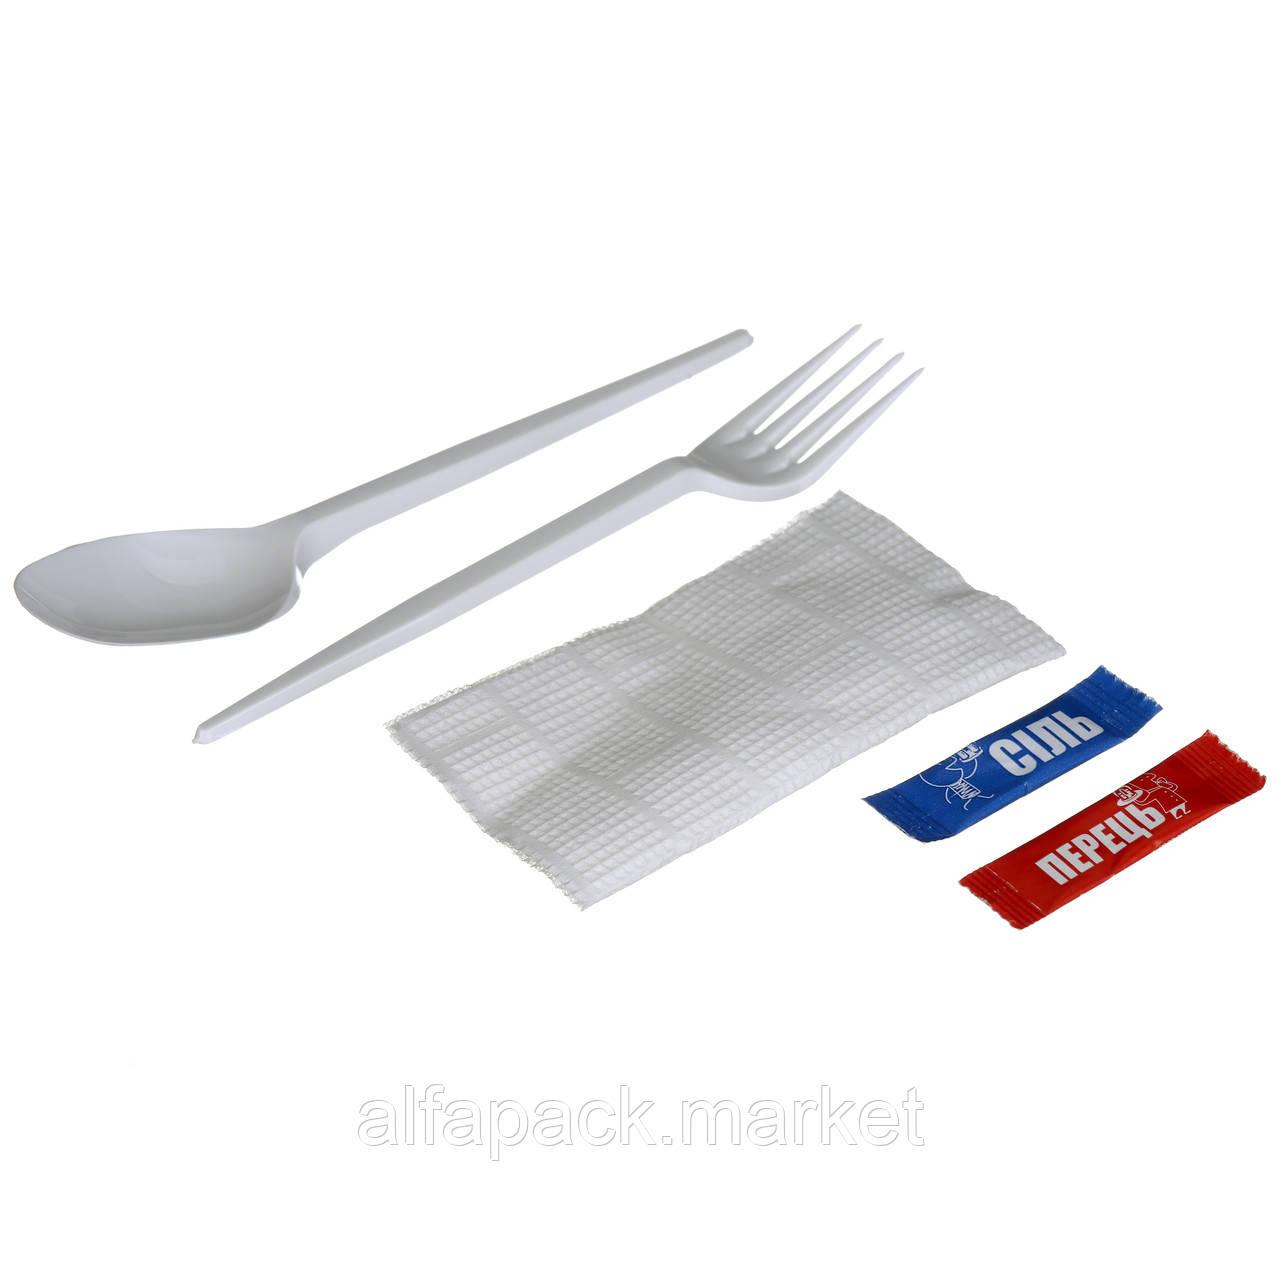 Набор одноразовой посуды Food Packing  №28 5 предметов 000002922